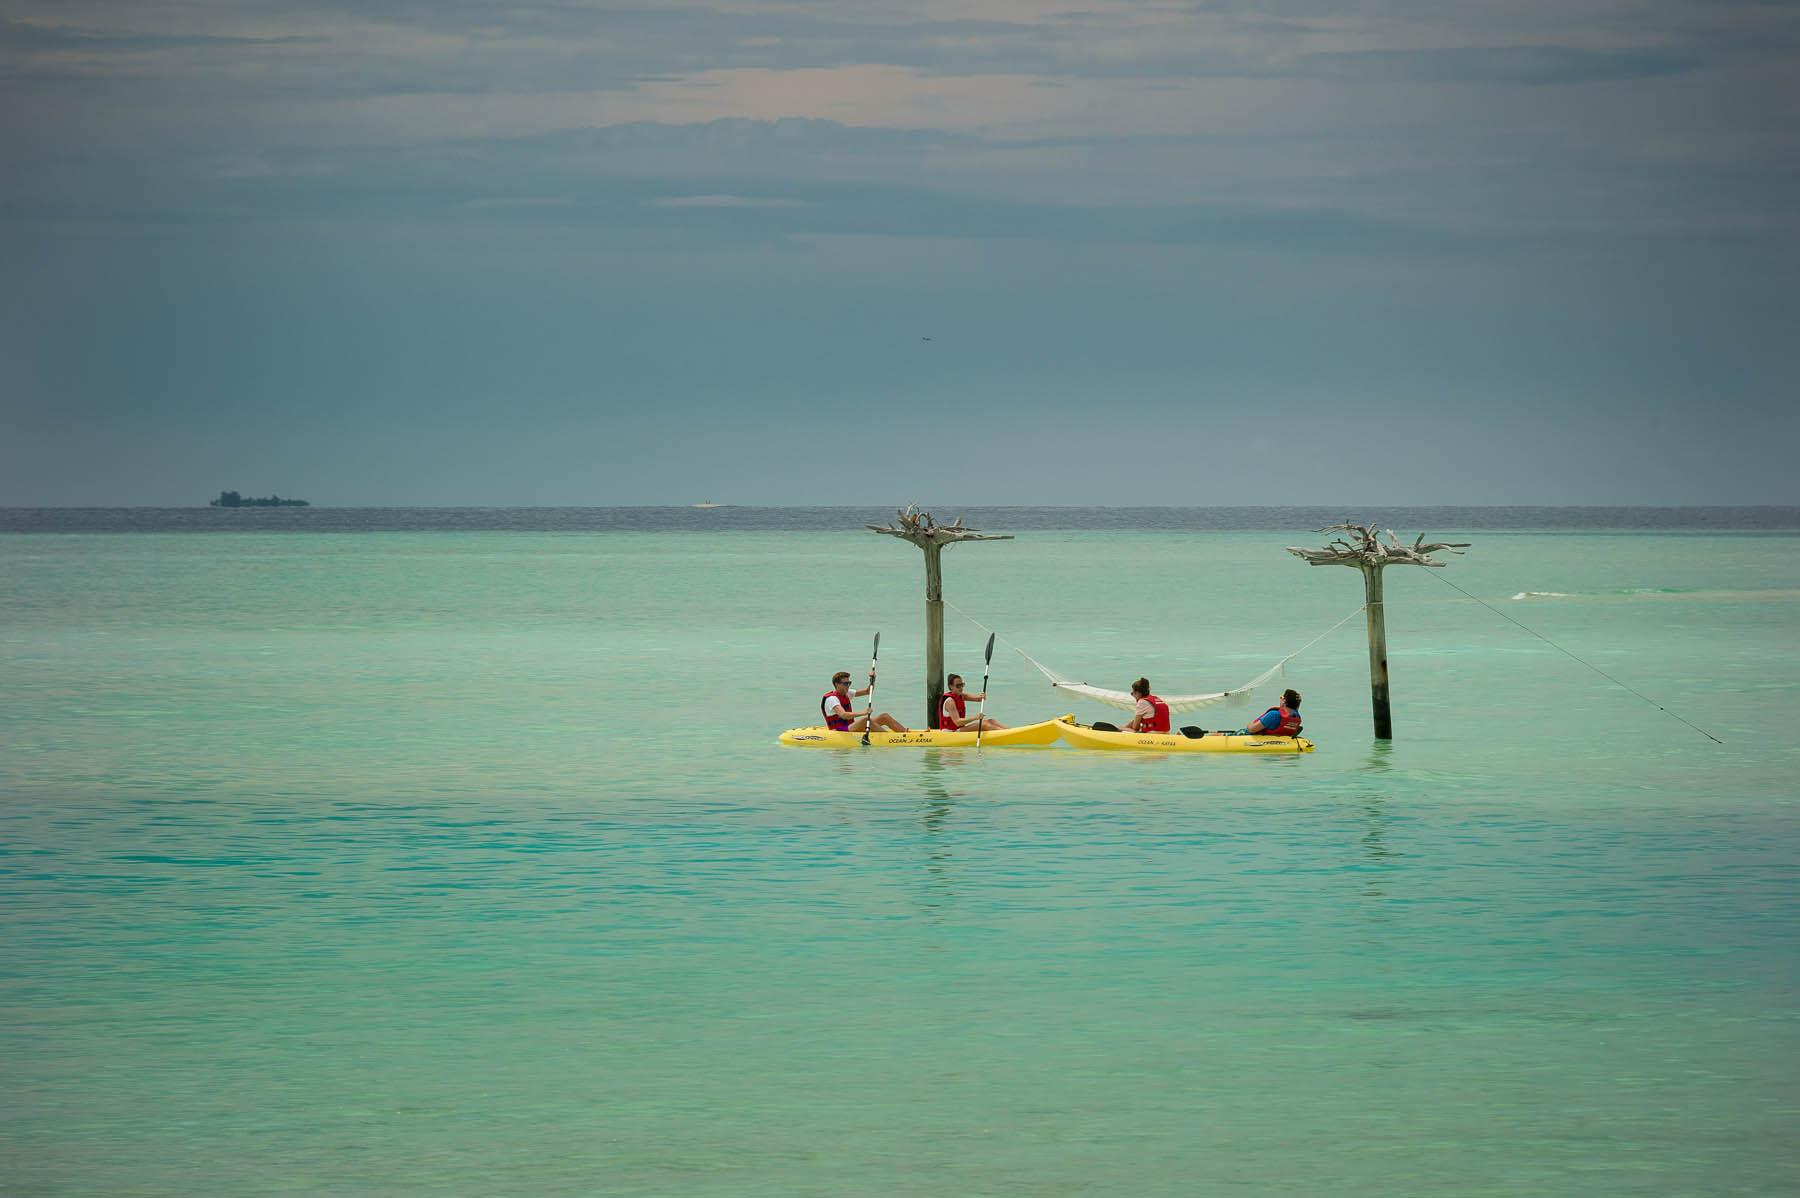 Anantara Dhigu beach swing